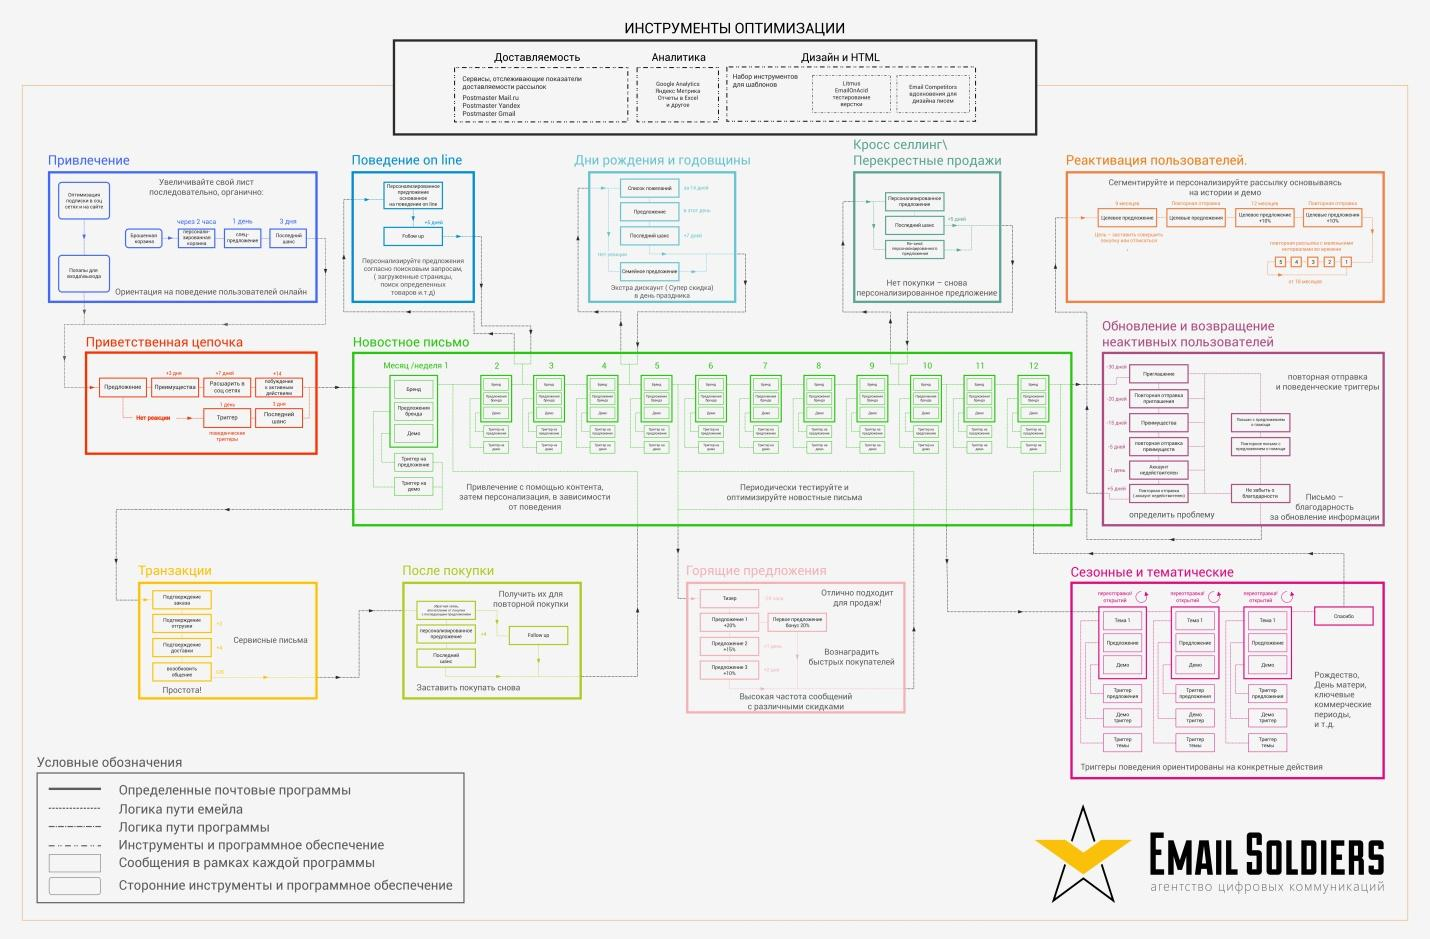 Базовая схема рассылки комплексного email-маркетинга